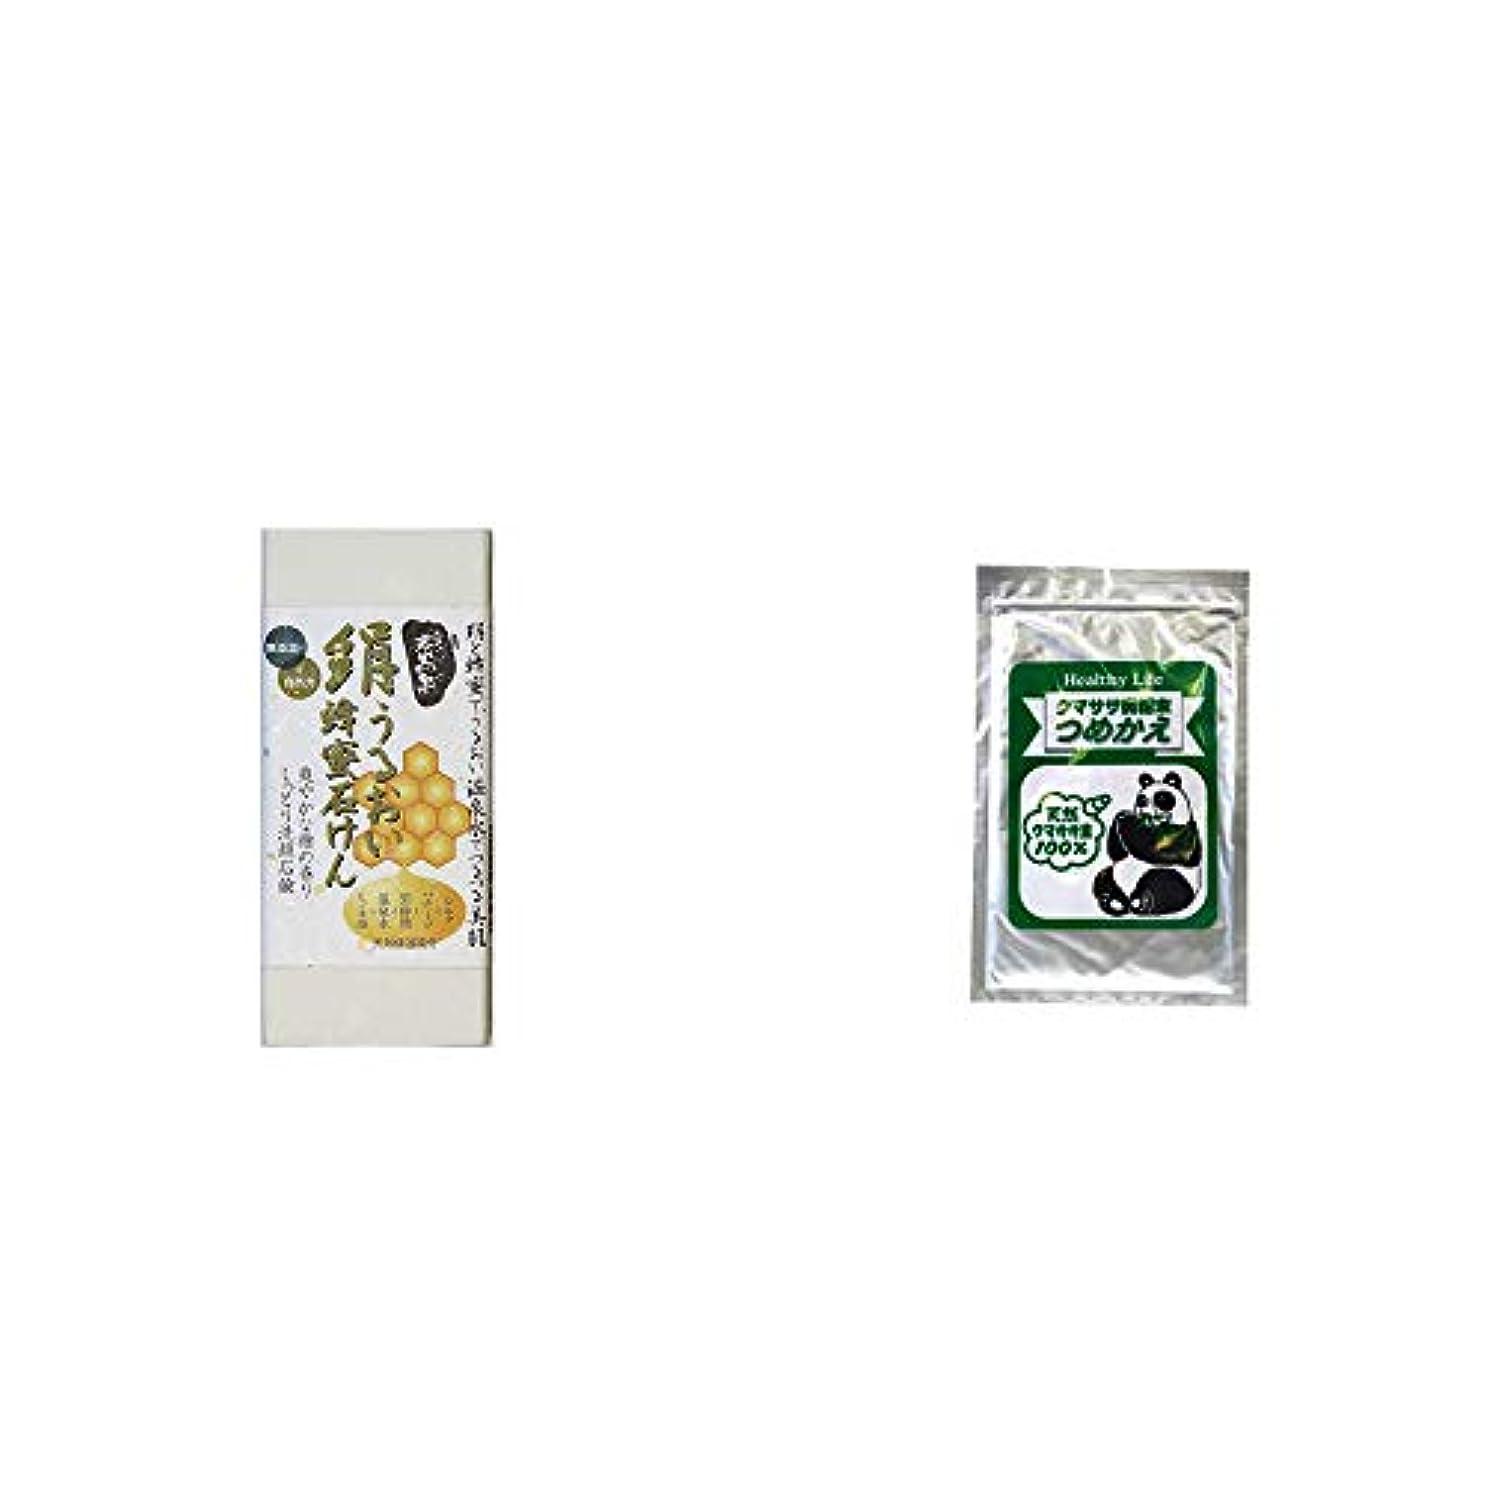 冷酷な水分通常[2点セット] ひのき炭黒泉 絹うるおい蜂蜜石けん(75g×2)?木曽産 熊笹100% クマササ微粉末 詰め替え用 (60g)